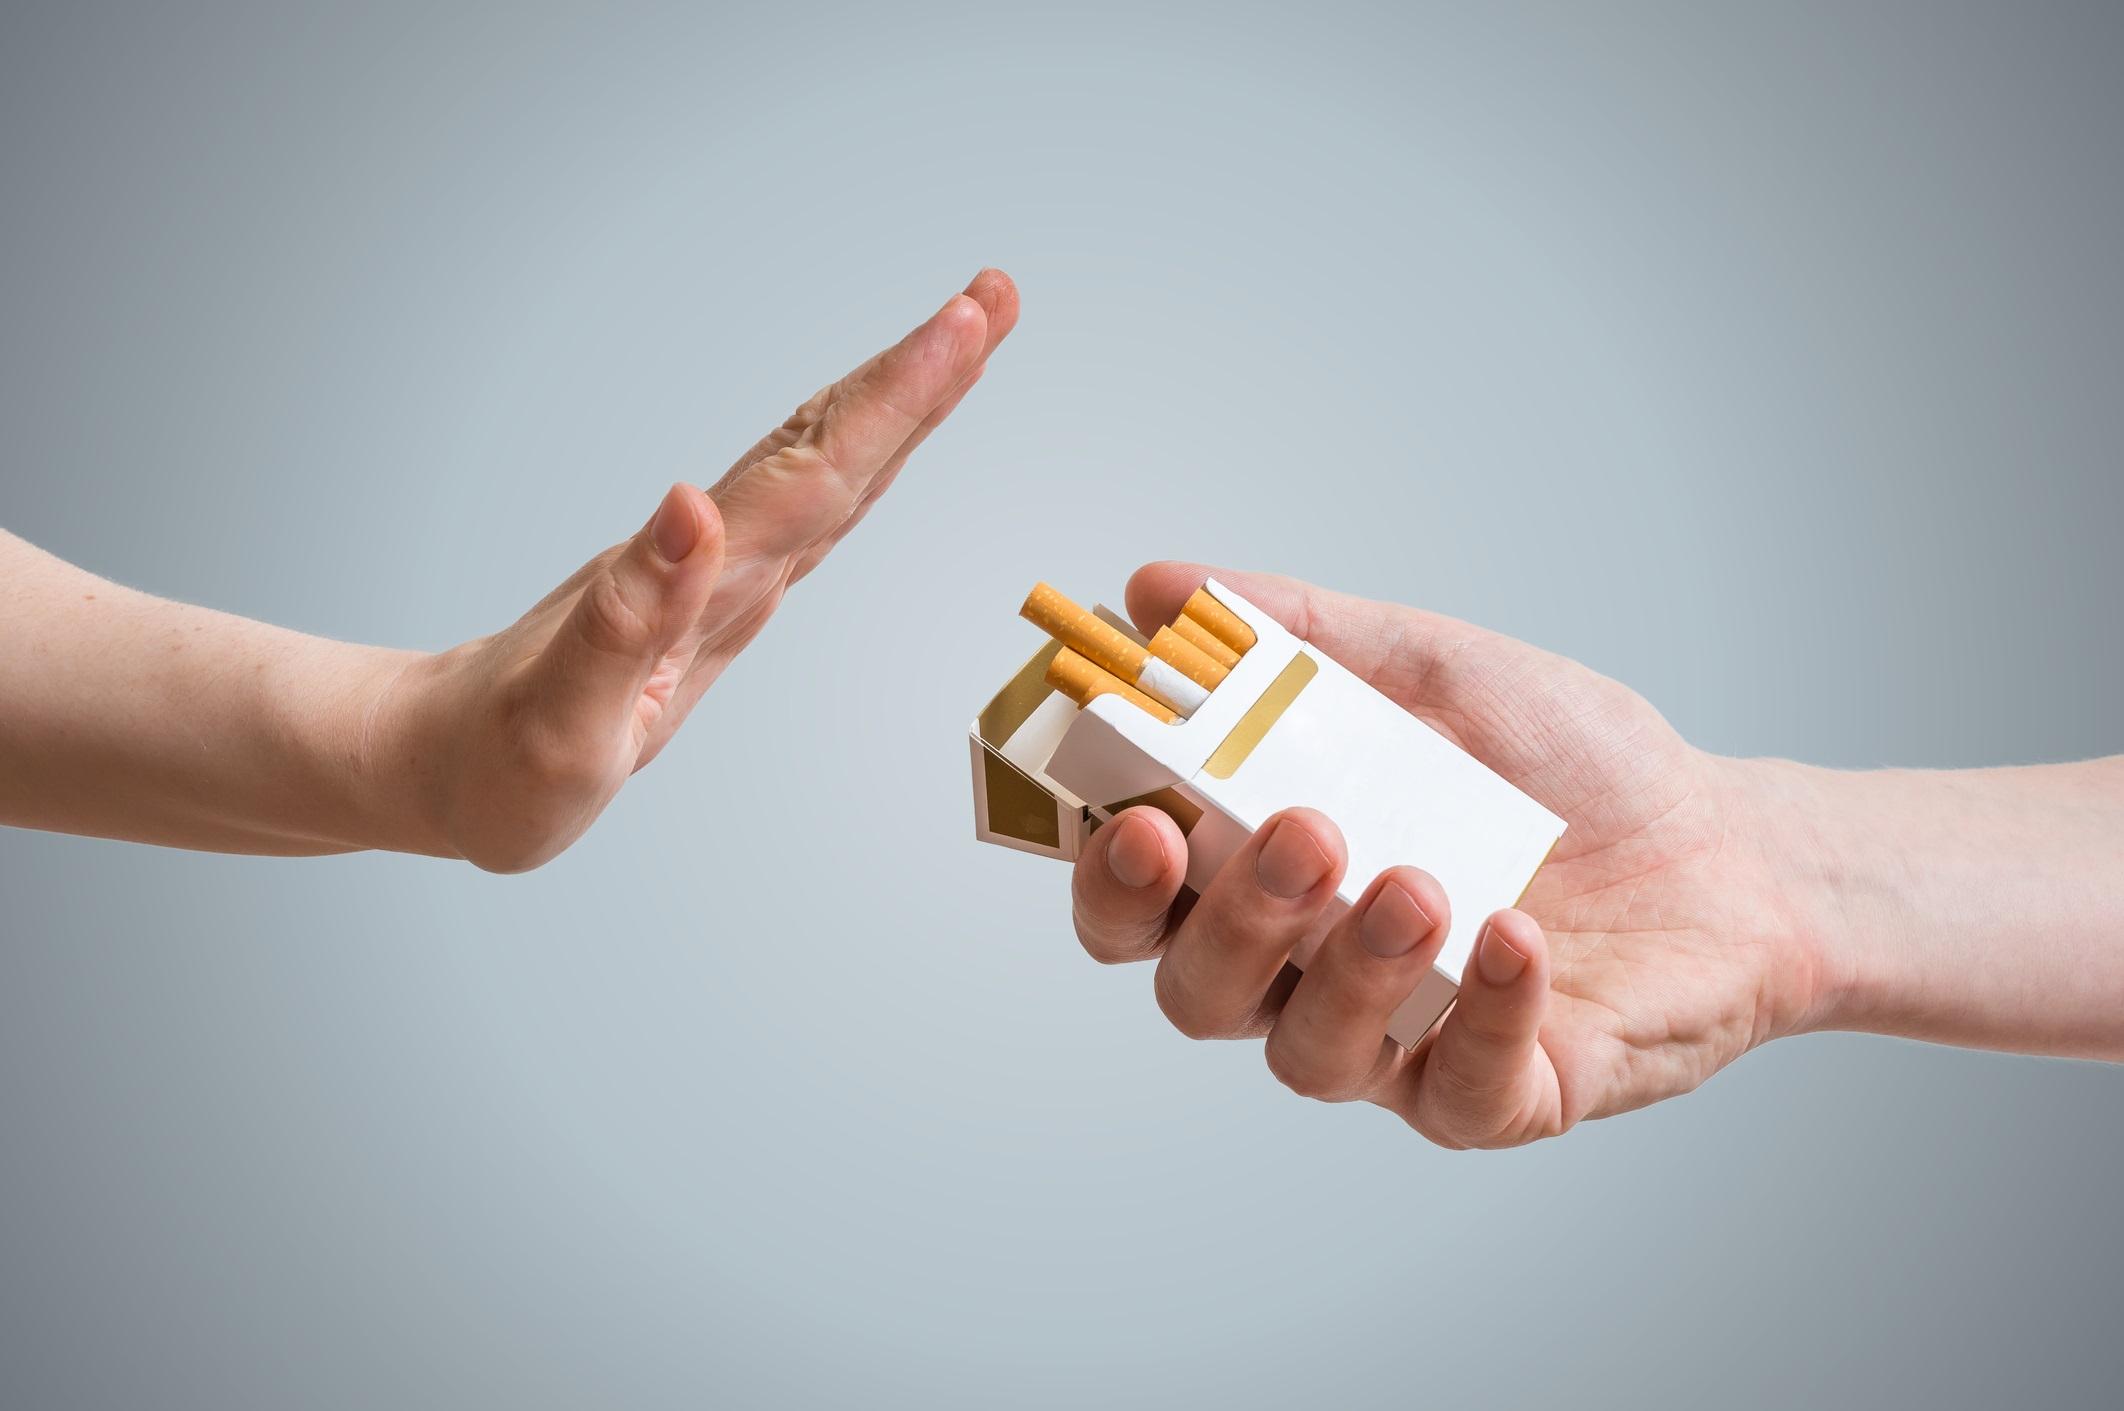 ترک سیگار در طب سنتی